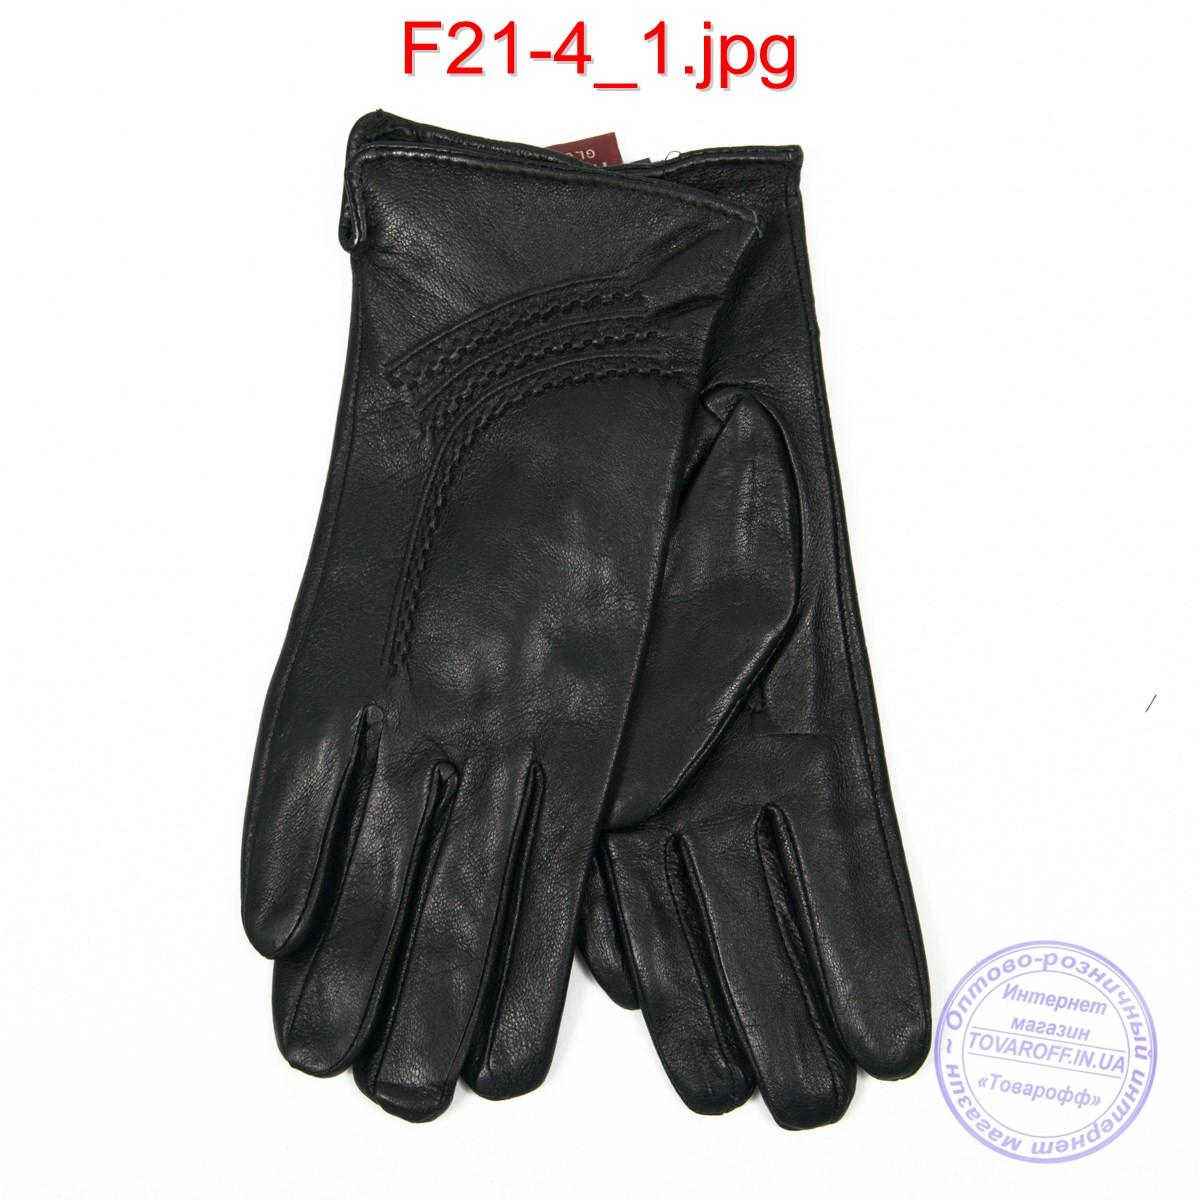 Женские кожаные перчатки на плюше - F21-4